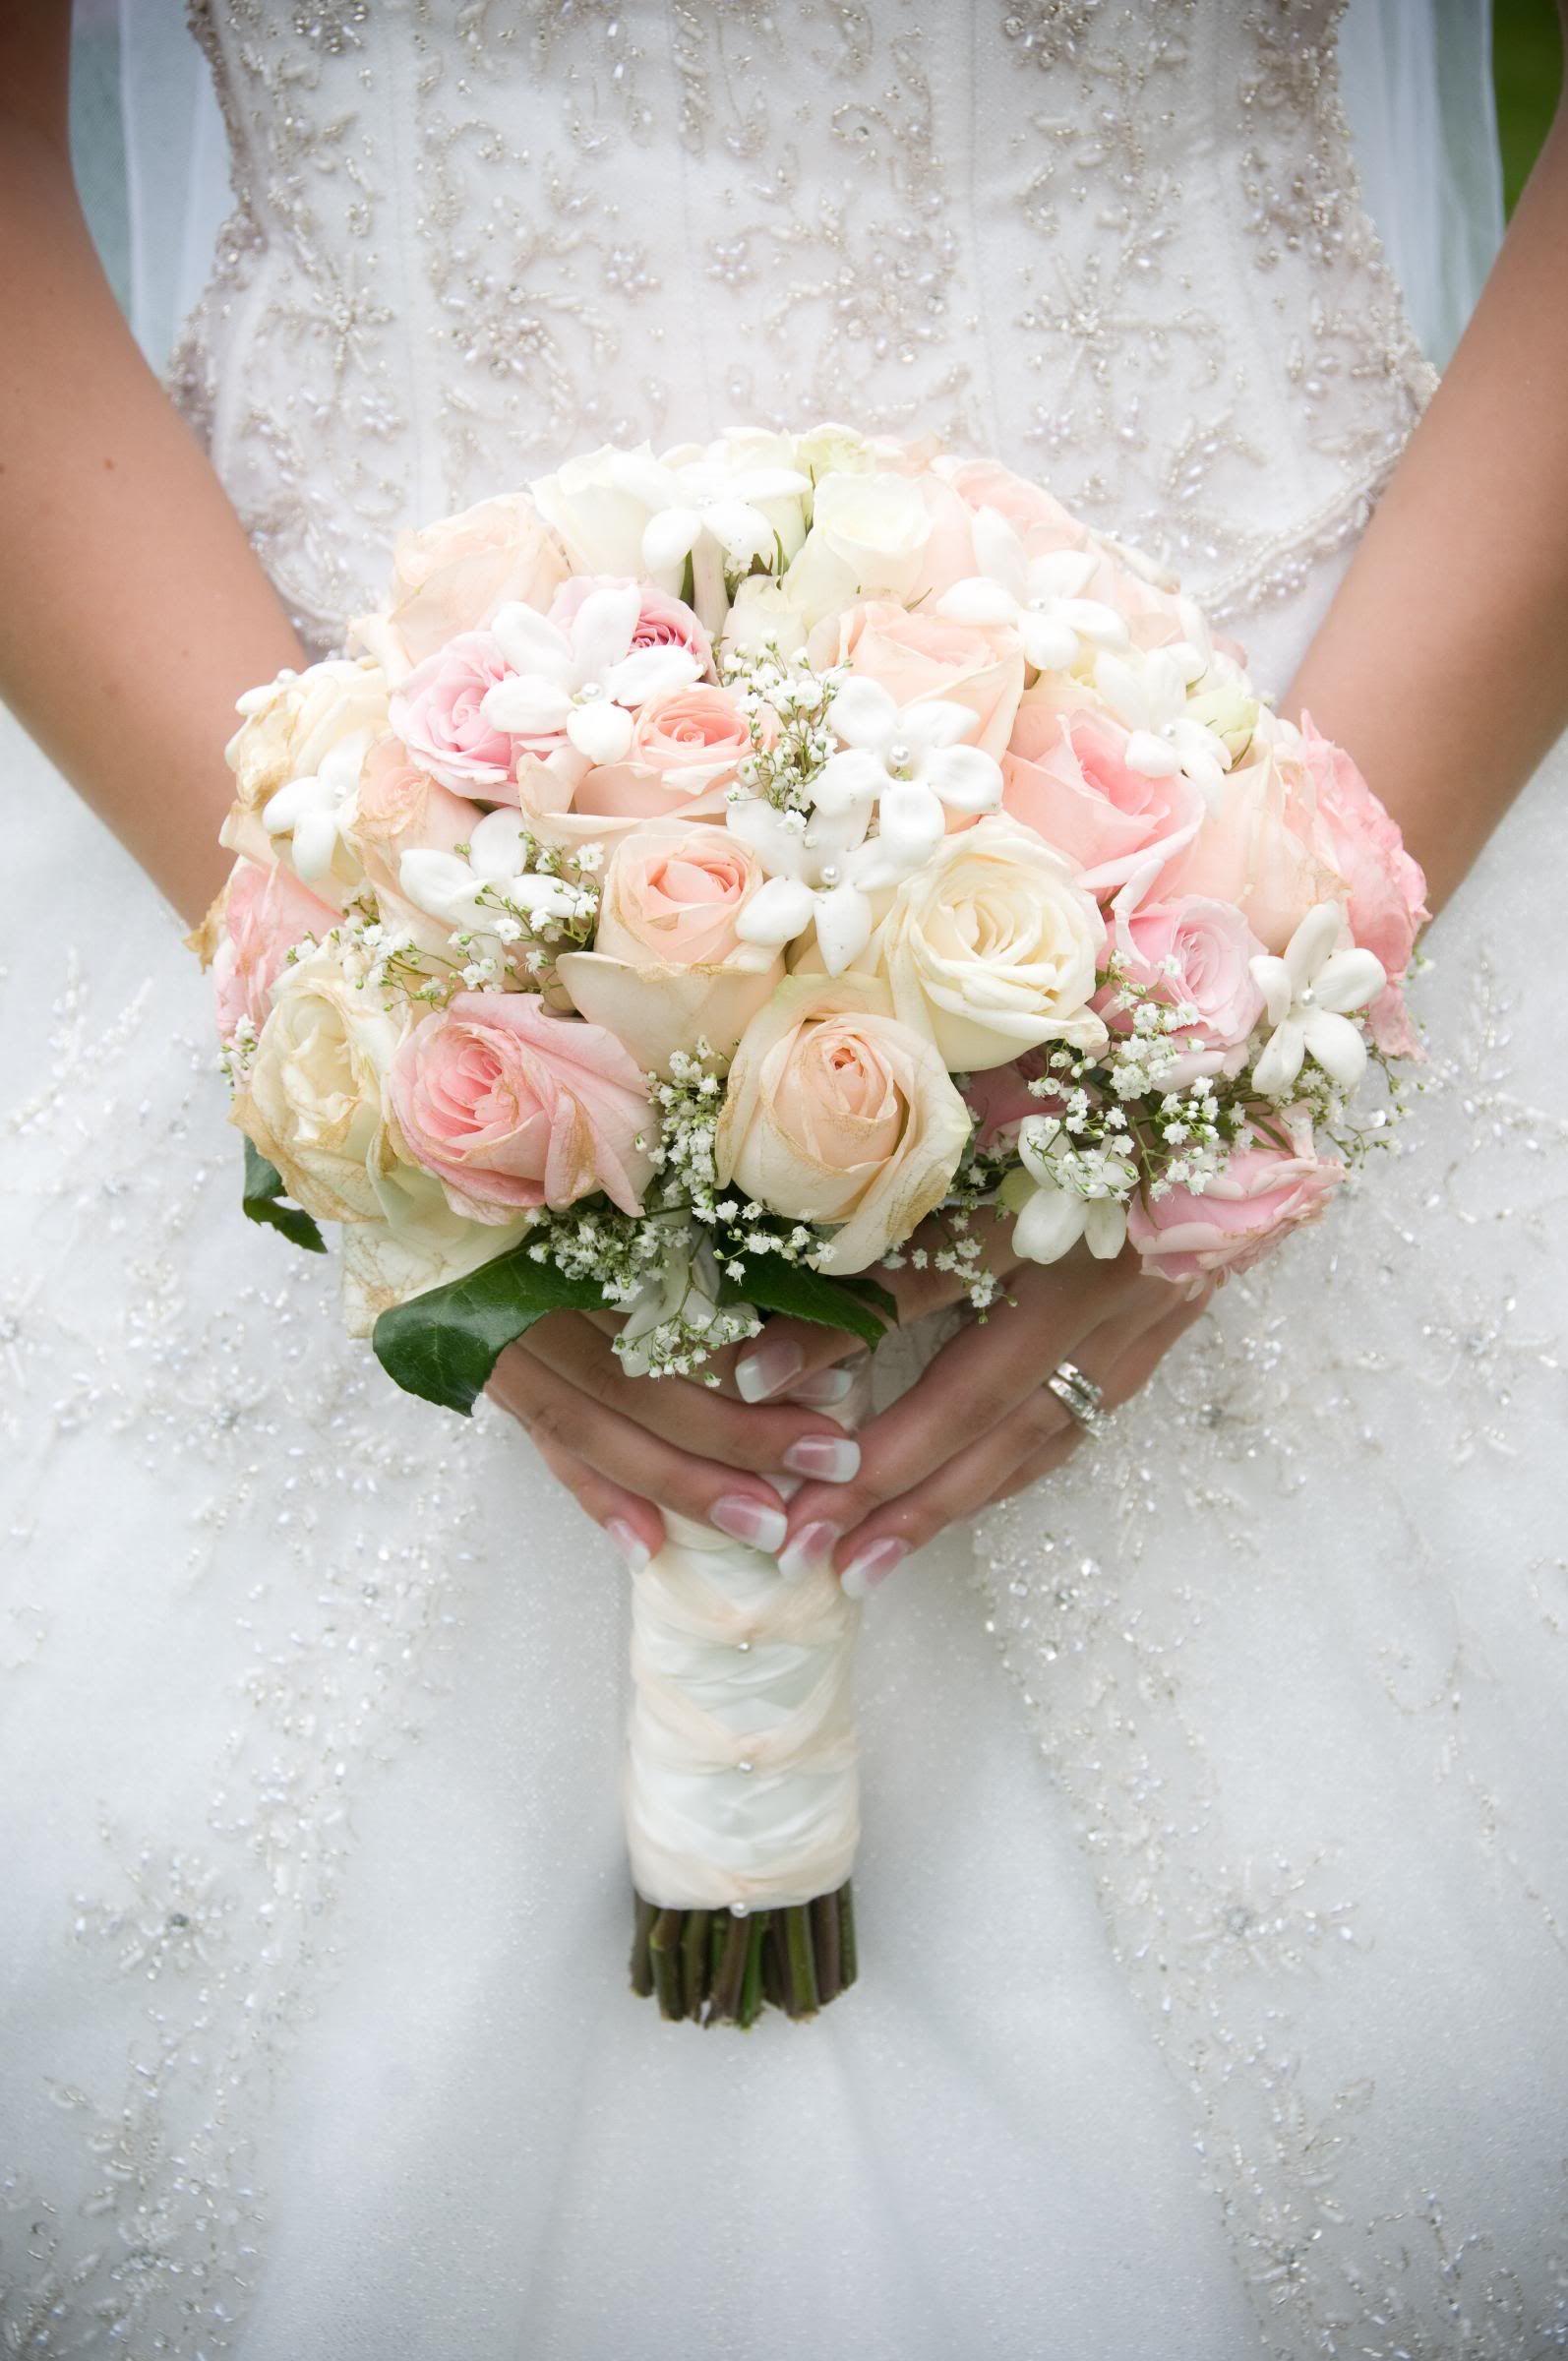 Pink And White Roses Bridal Bouquet Buques De Casamento Bouquet